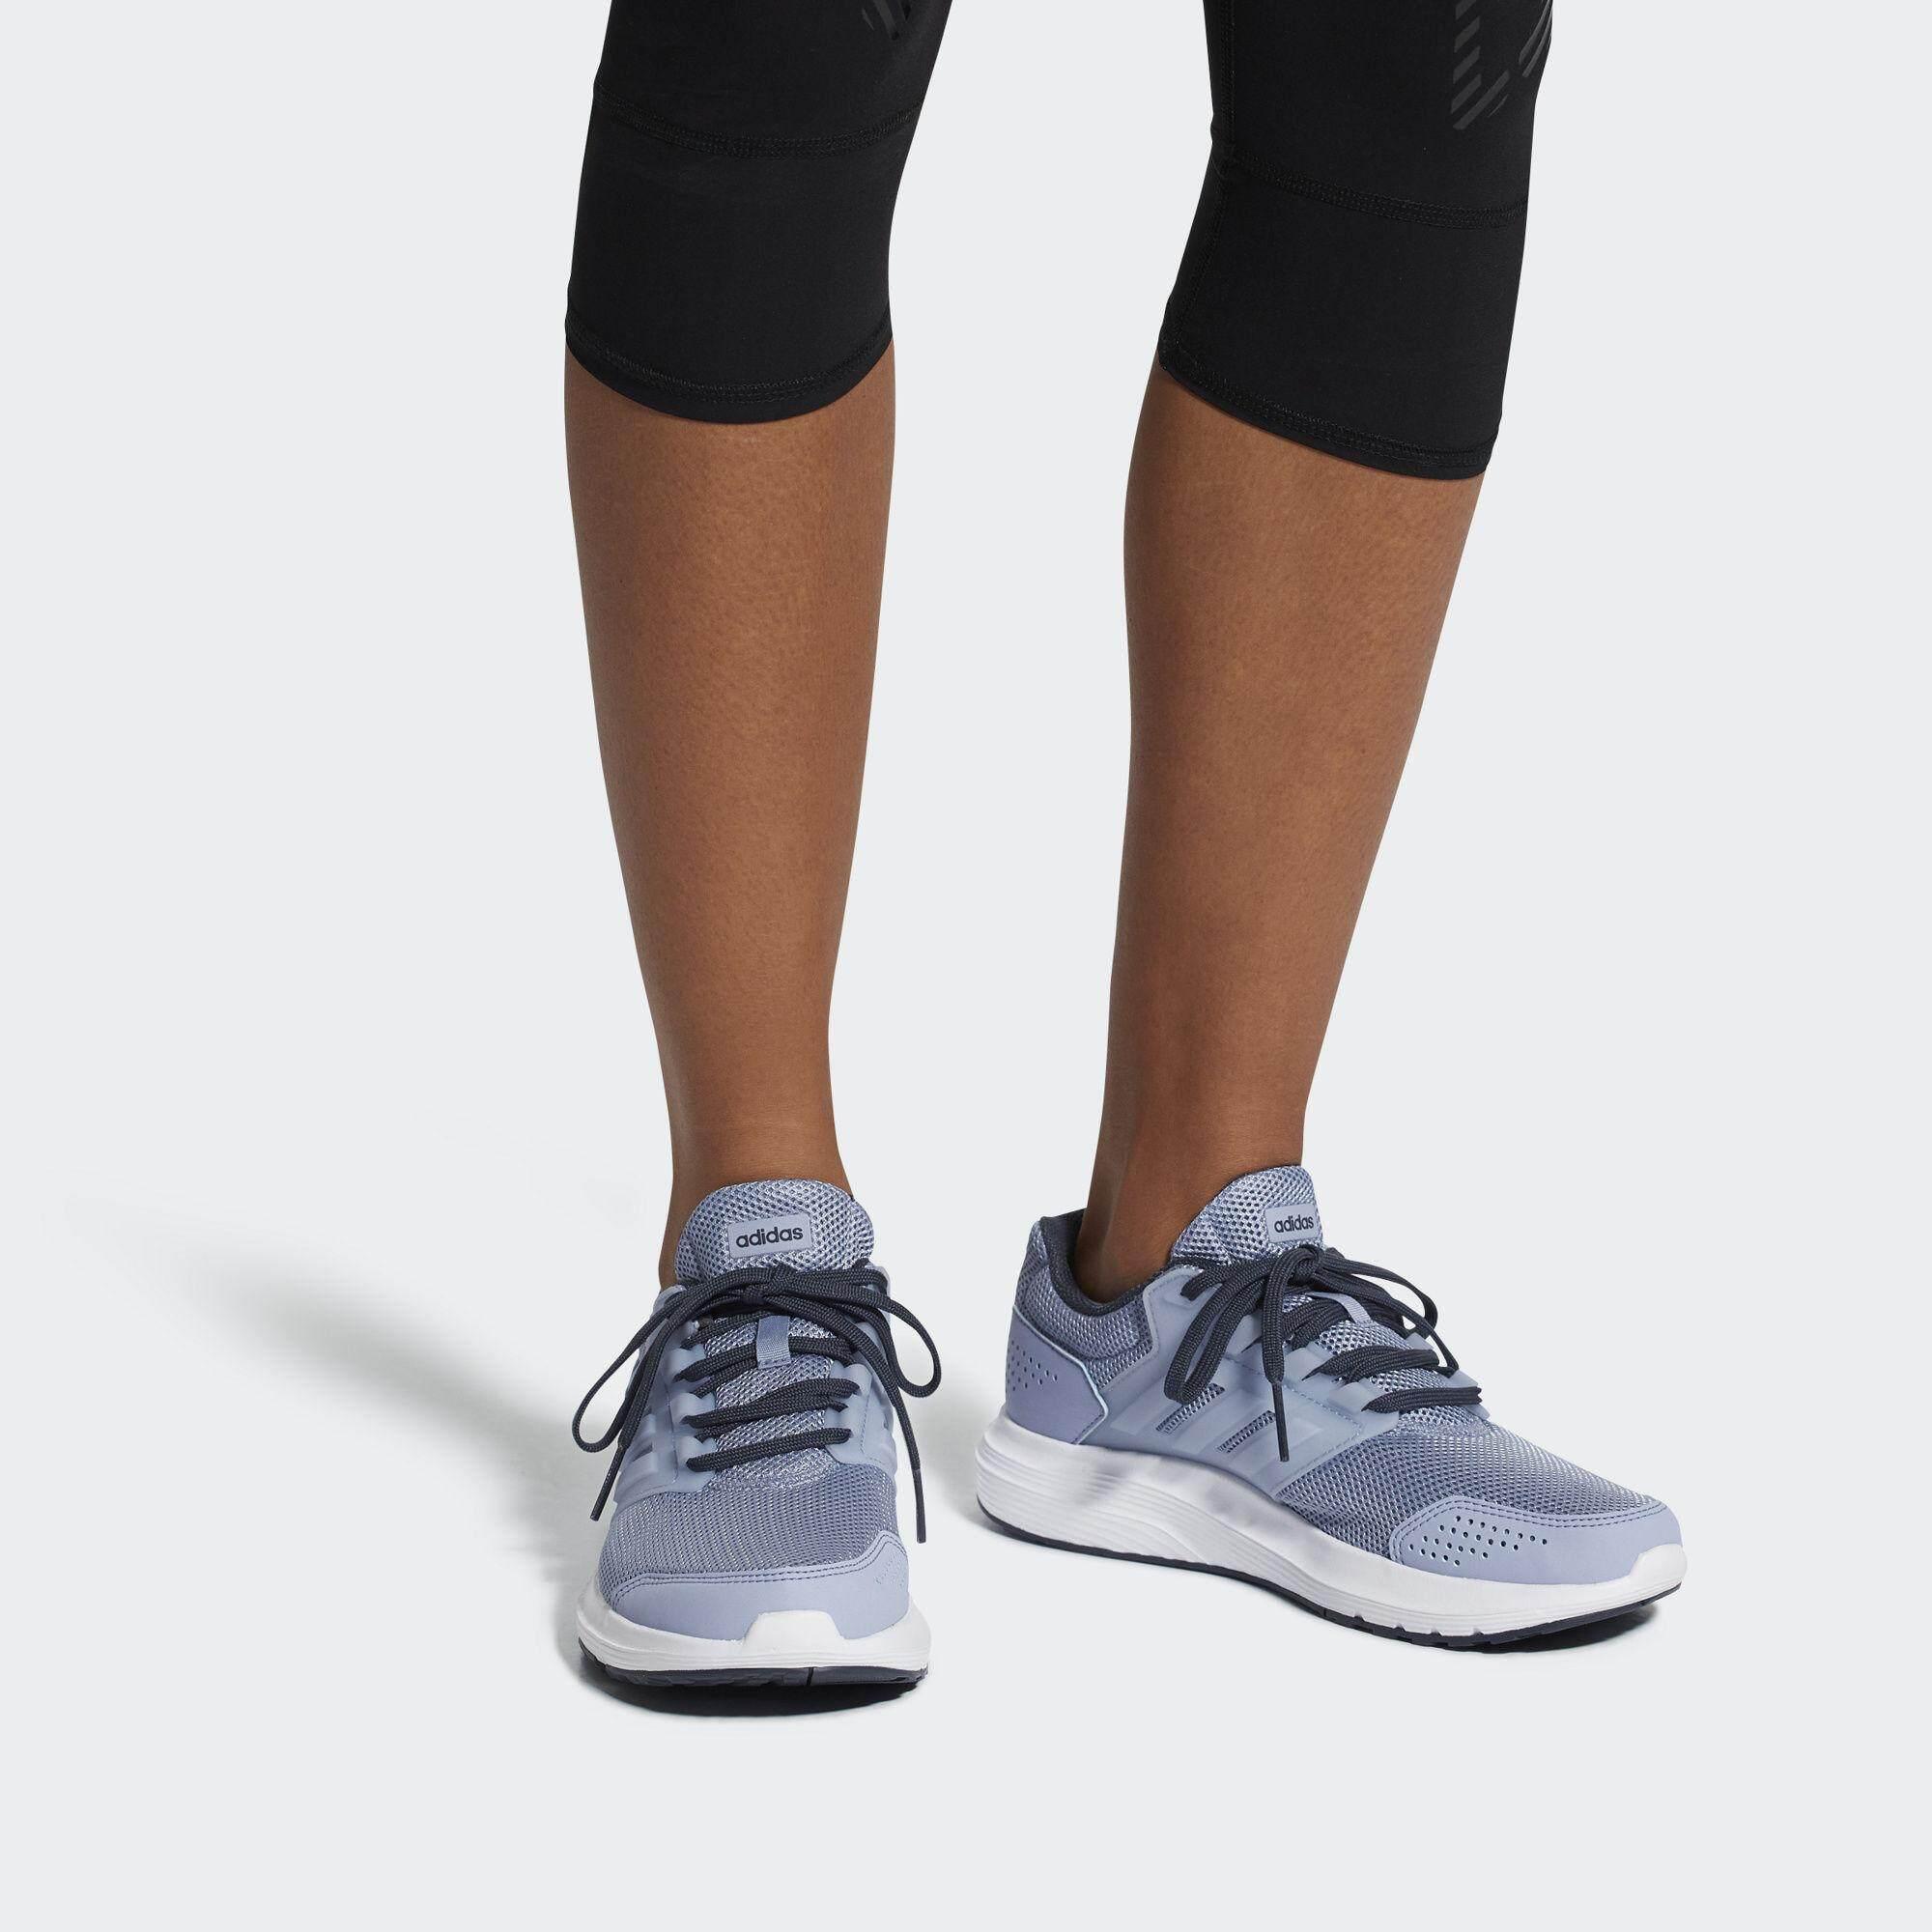 ขายดีมาก! bbsport ลิขสิทธิ์แท้ 100% Adidas รองเท้าผ้าใบอดิดาส ผู้หญิง อาดิดาส Duramo Pastel Blue พื้นนุ่มเบาสบาย ส่งไวด้วย kerry!!!